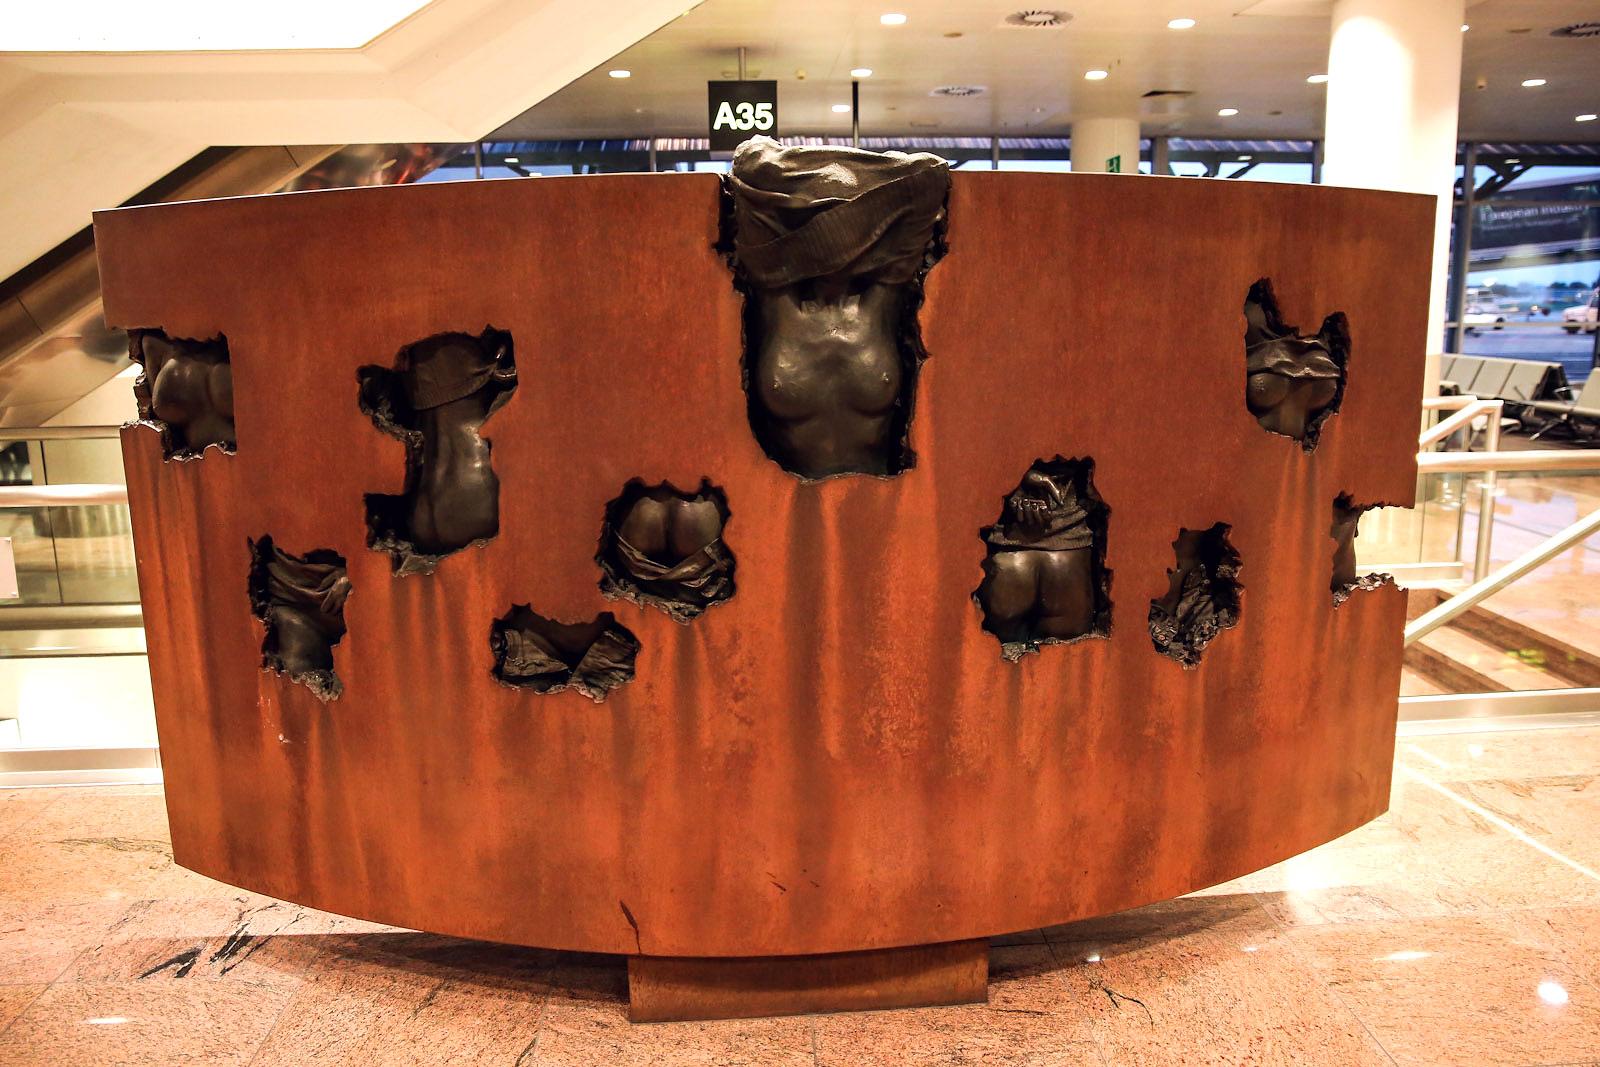 Скульптурная композиция в аэропорту Брюсселя